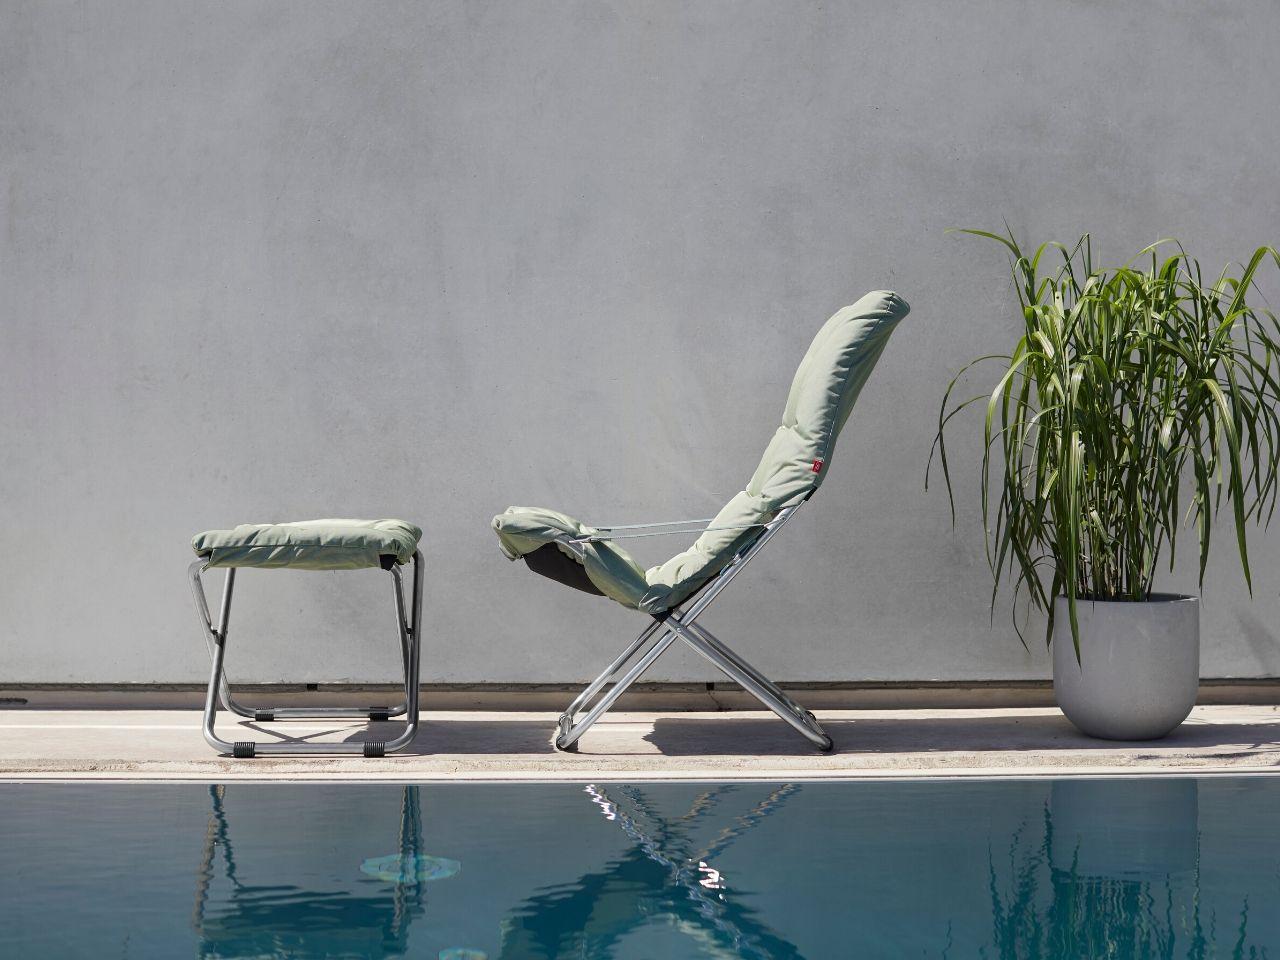 idee per arredare giardino con piscina sdraio